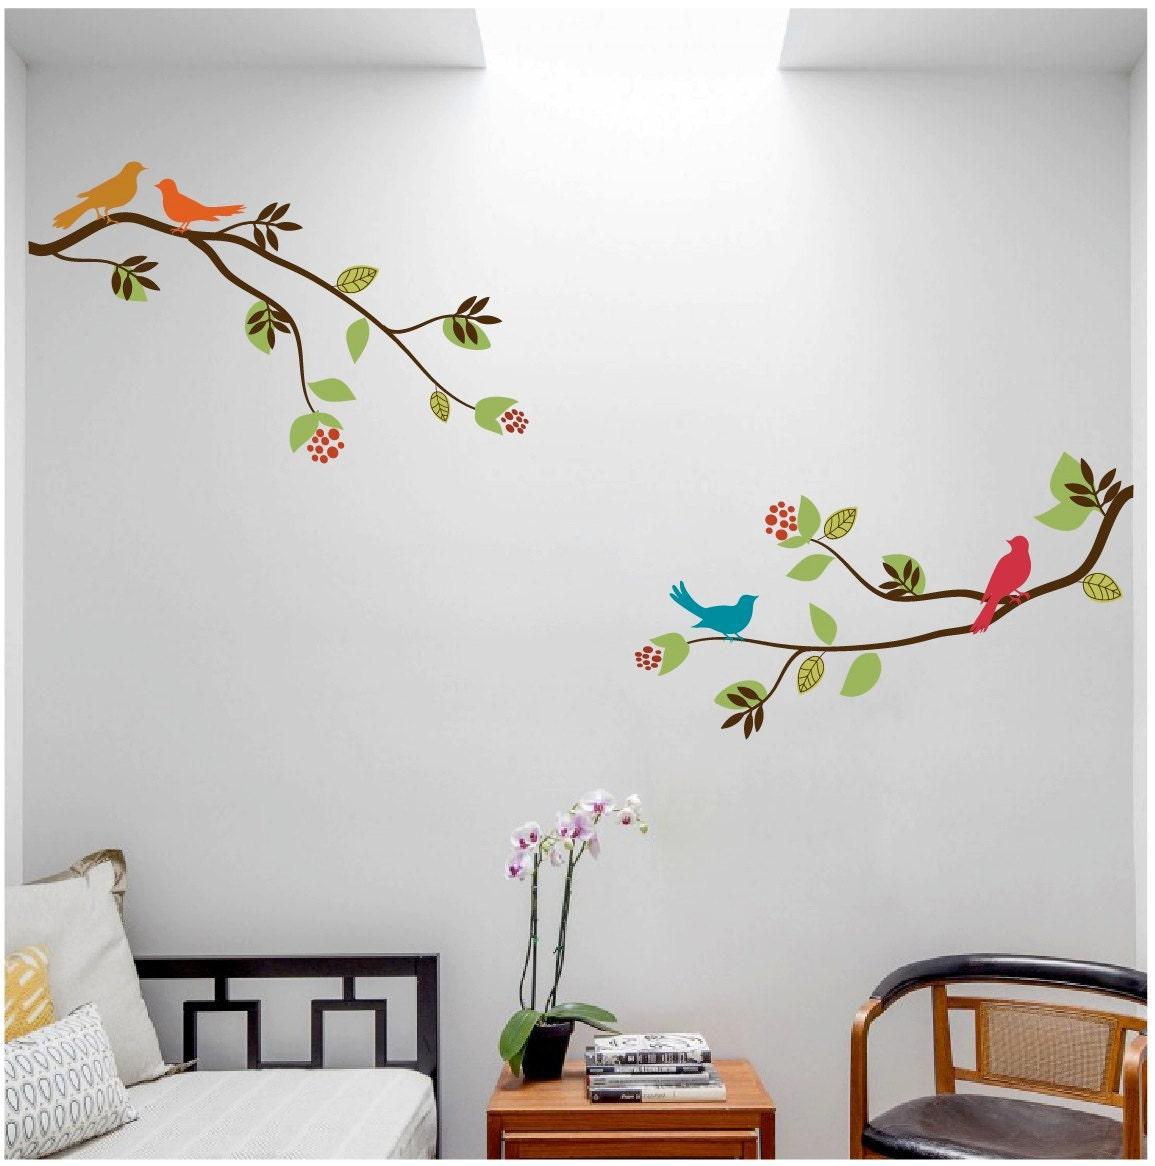 2 grosses branches d 39 arbre avec des oiseaux autocollant. Black Bedroom Furniture Sets. Home Design Ideas